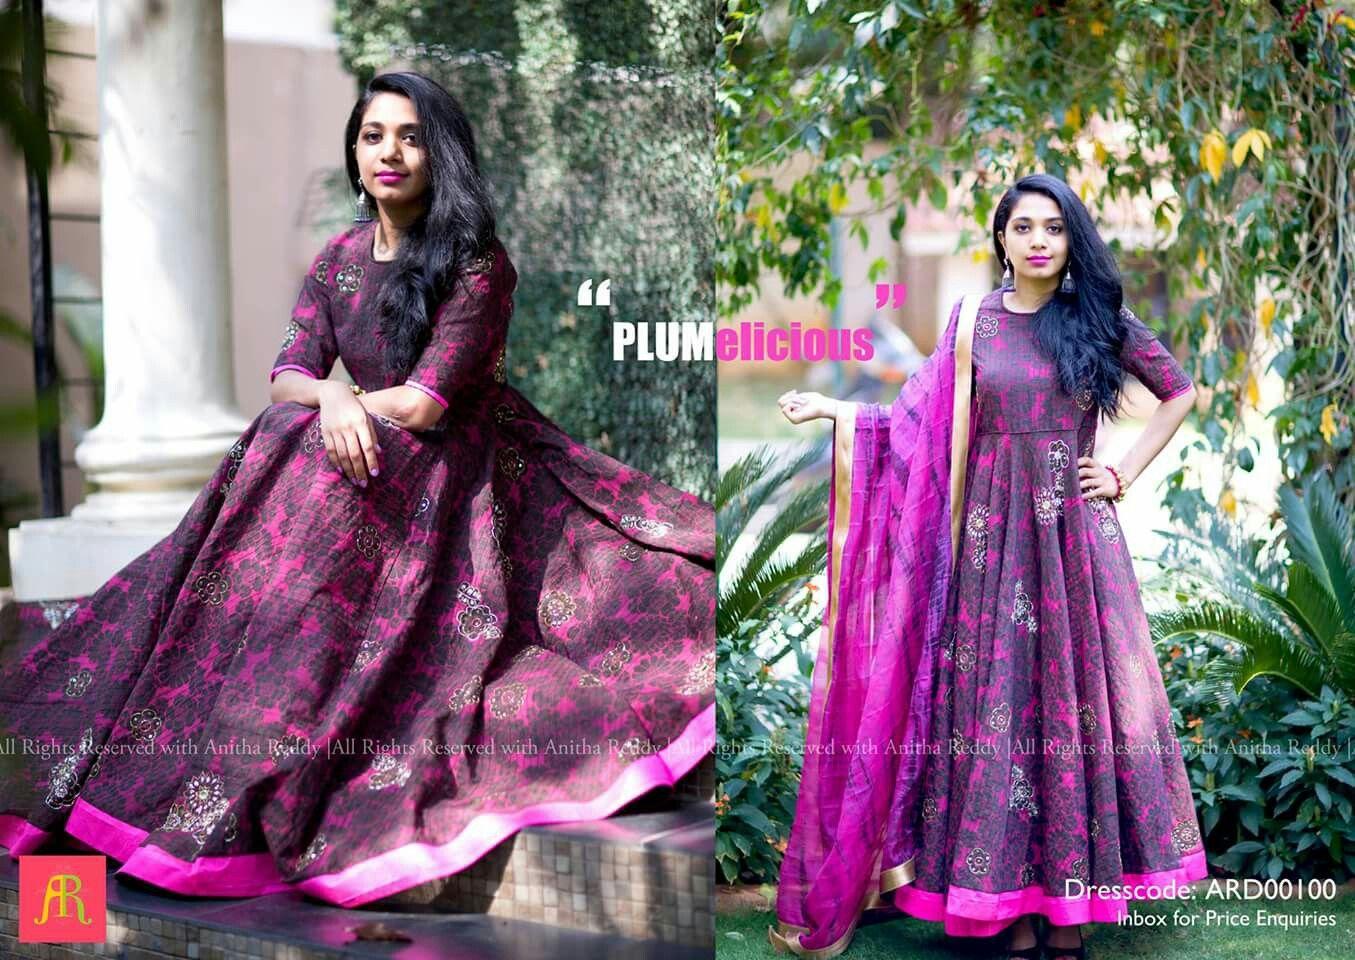 Pin by Snigdha on Indian Ensembles! | Pinterest | Salwar kurta ...